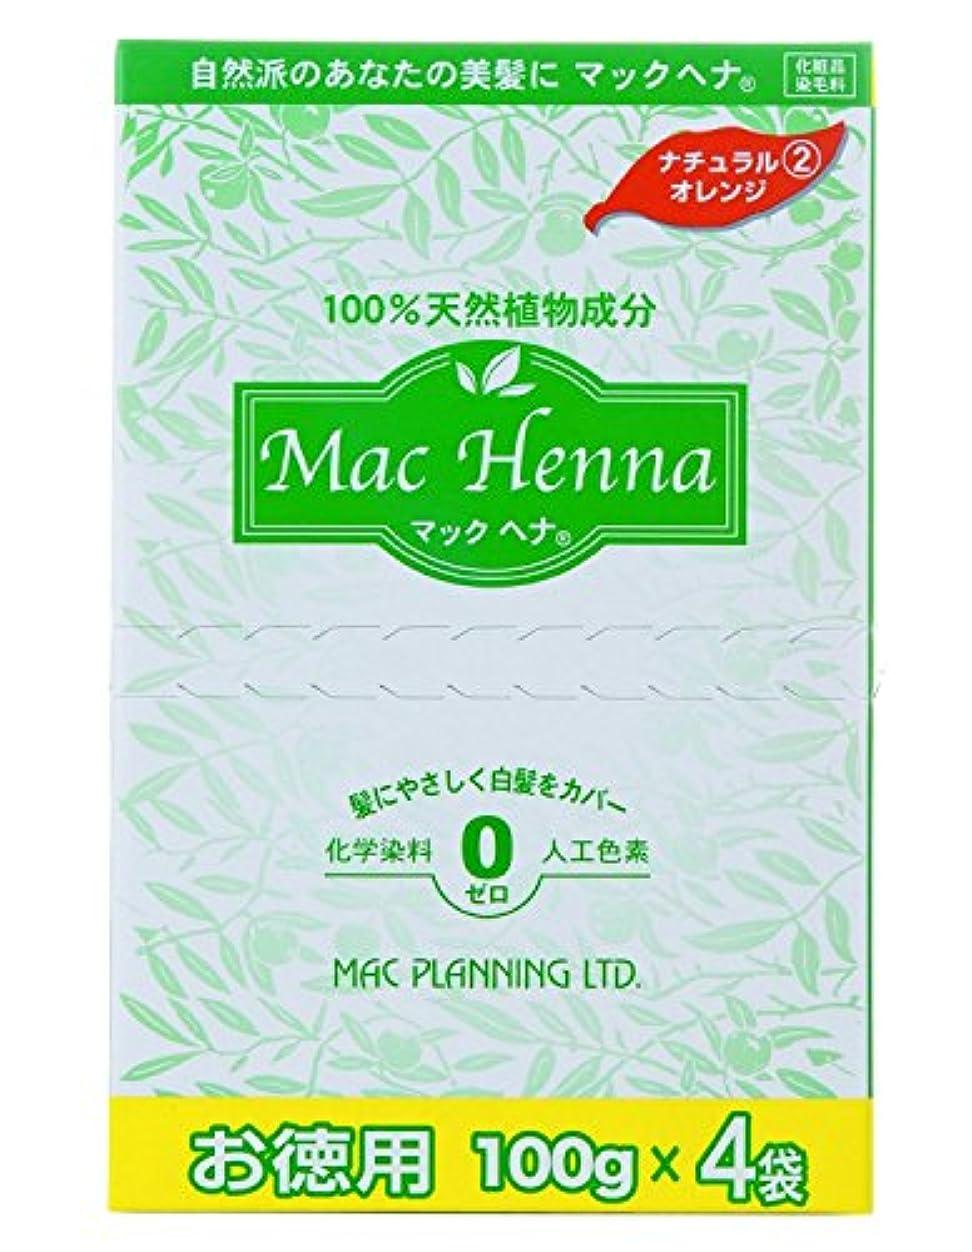 気味の悪い土曜日記憶に残るマックヘナ お徳用(ナチュラルオレンジ)-2 400g(100g×4袋)